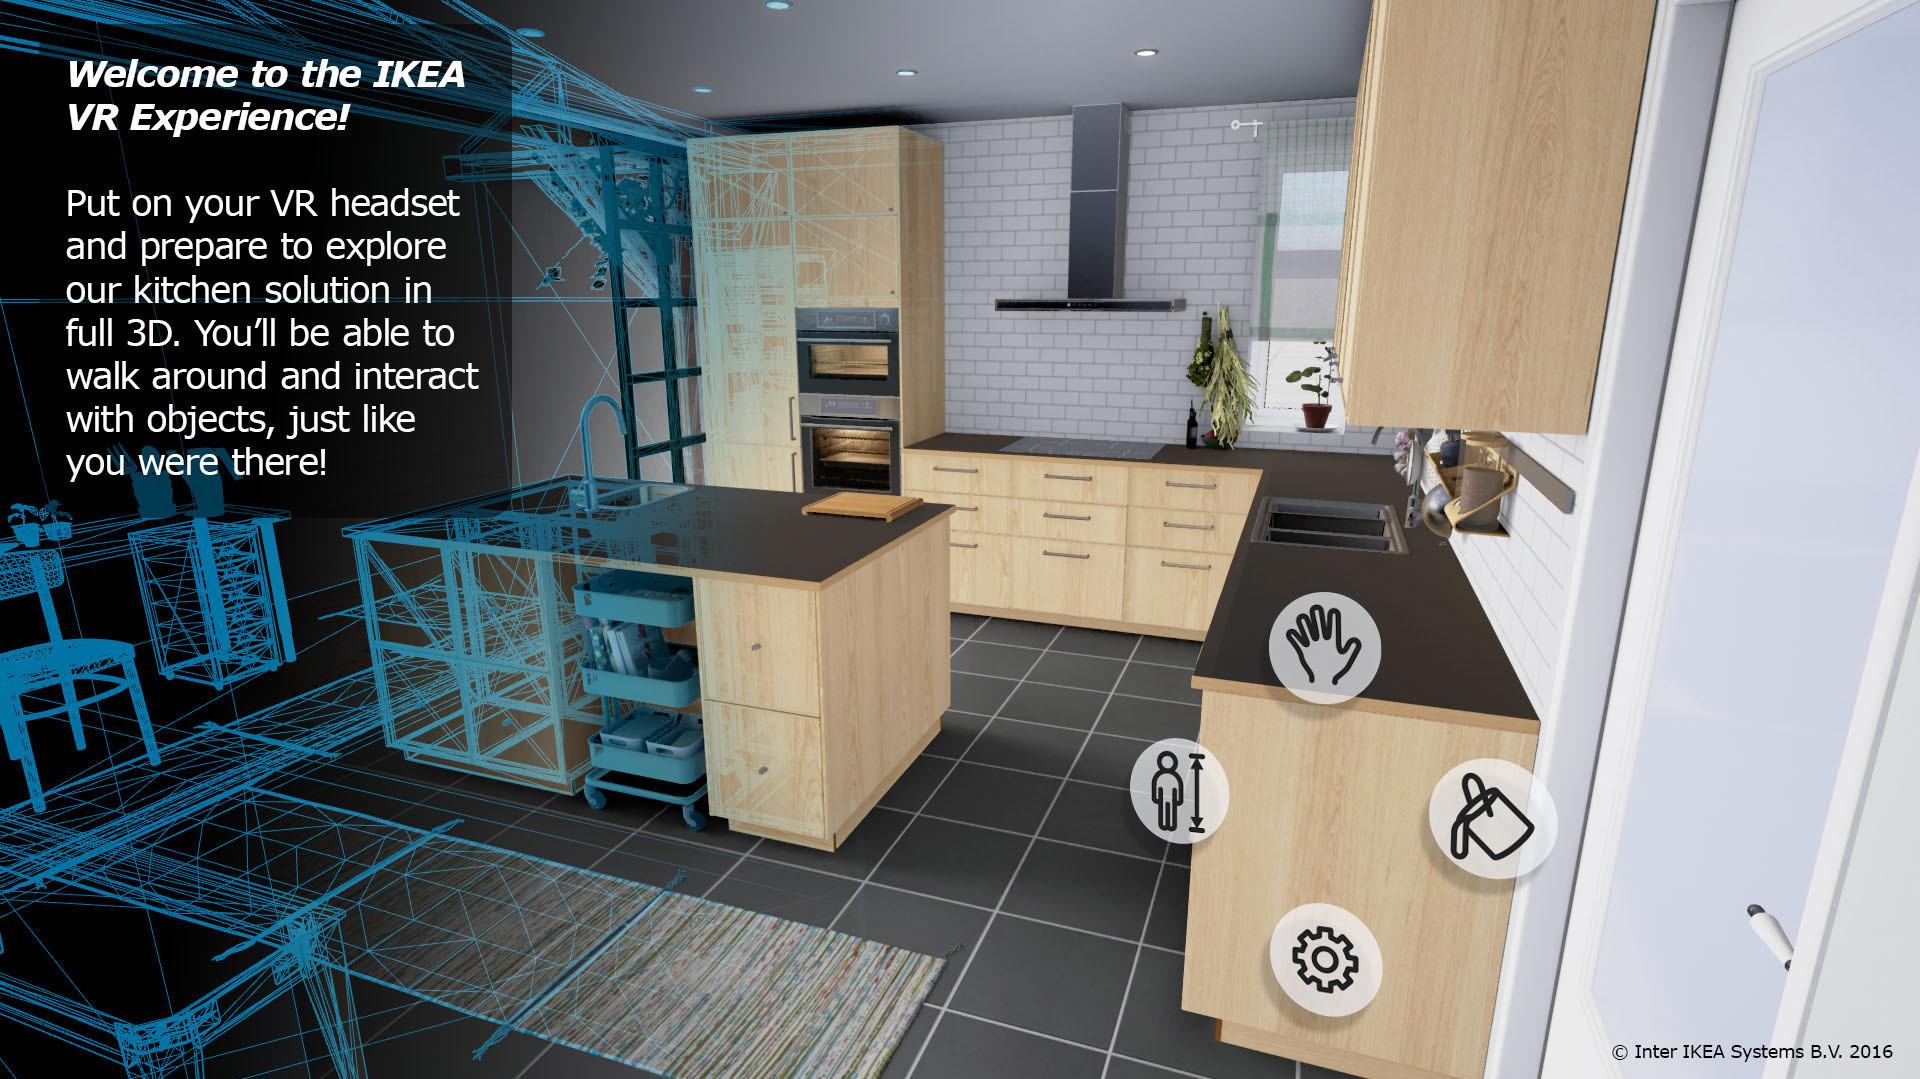 Tolle Virtuelles Design Einer Küche Frei Fotos - Ideen Für Die Küche ...